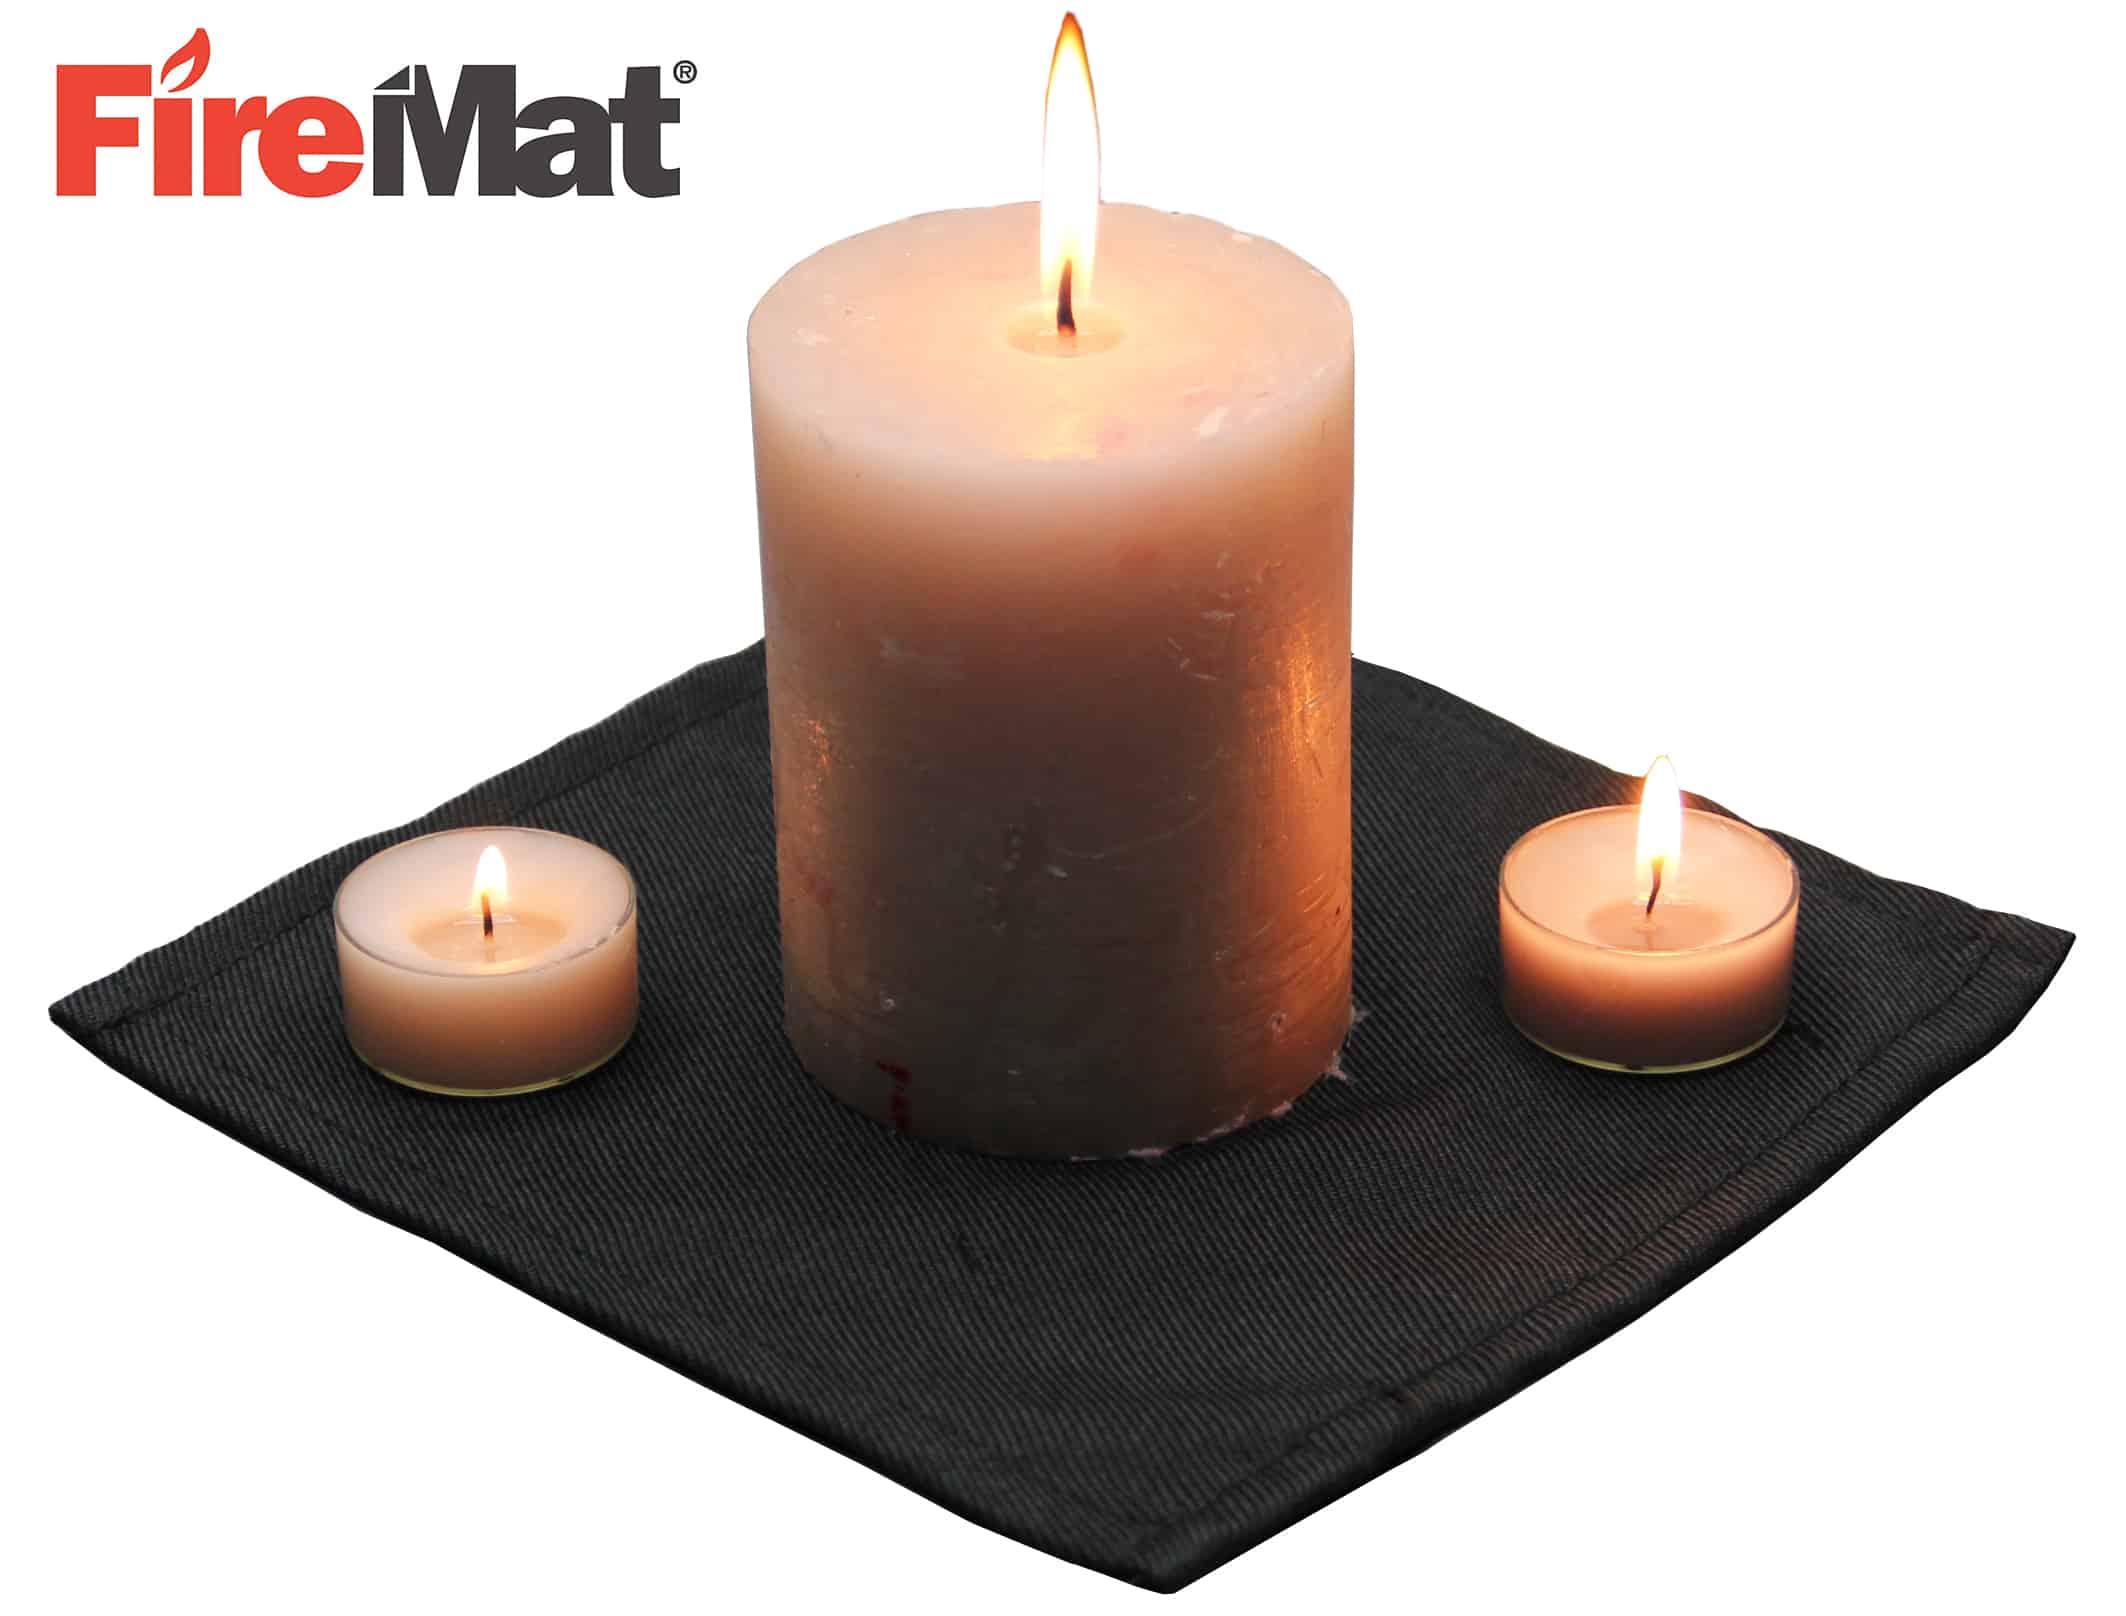 unterlage f r kerzen brandschutzunterlage nutzen firemat brandschutzunterlage feuerfeste. Black Bedroom Furniture Sets. Home Design Ideas